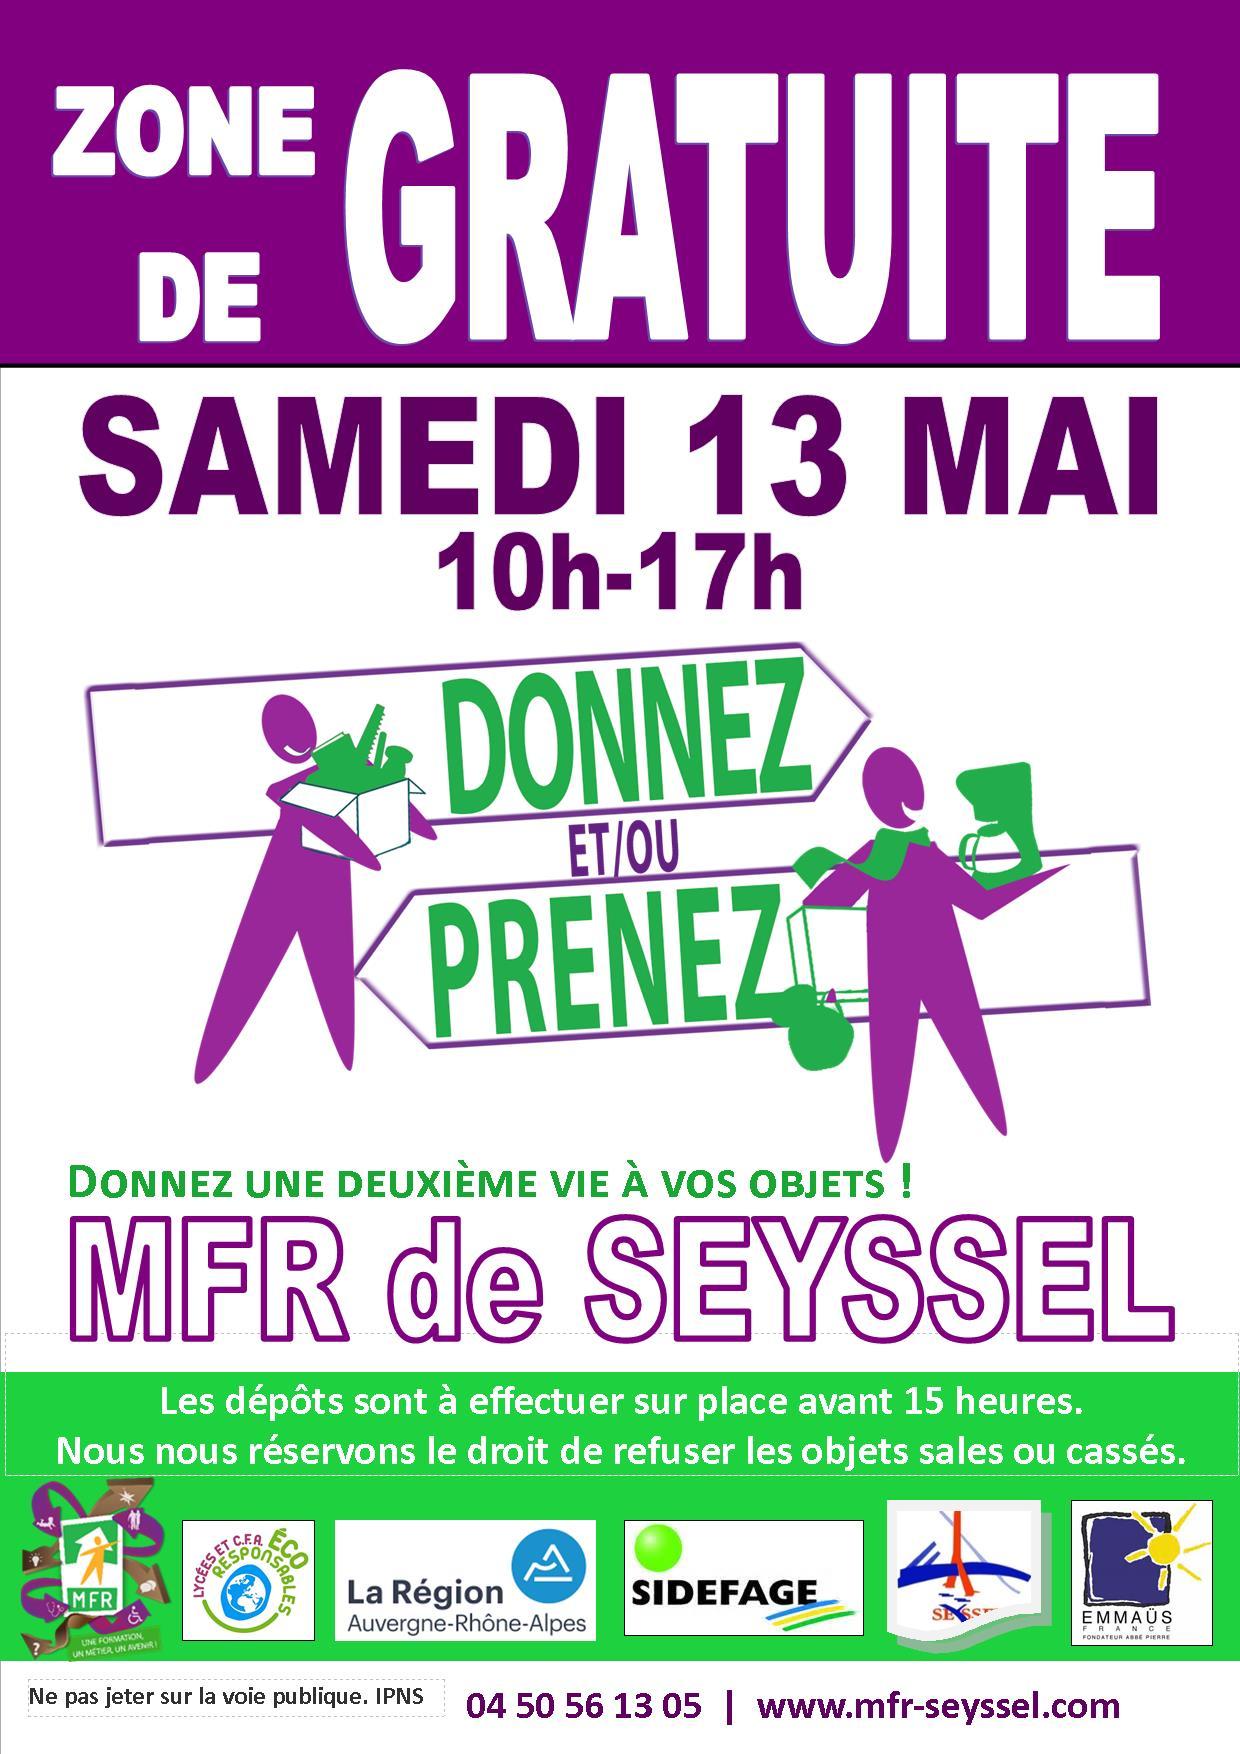 La zone de gratuité de la MFR de Seyssel, c'est bientôt !